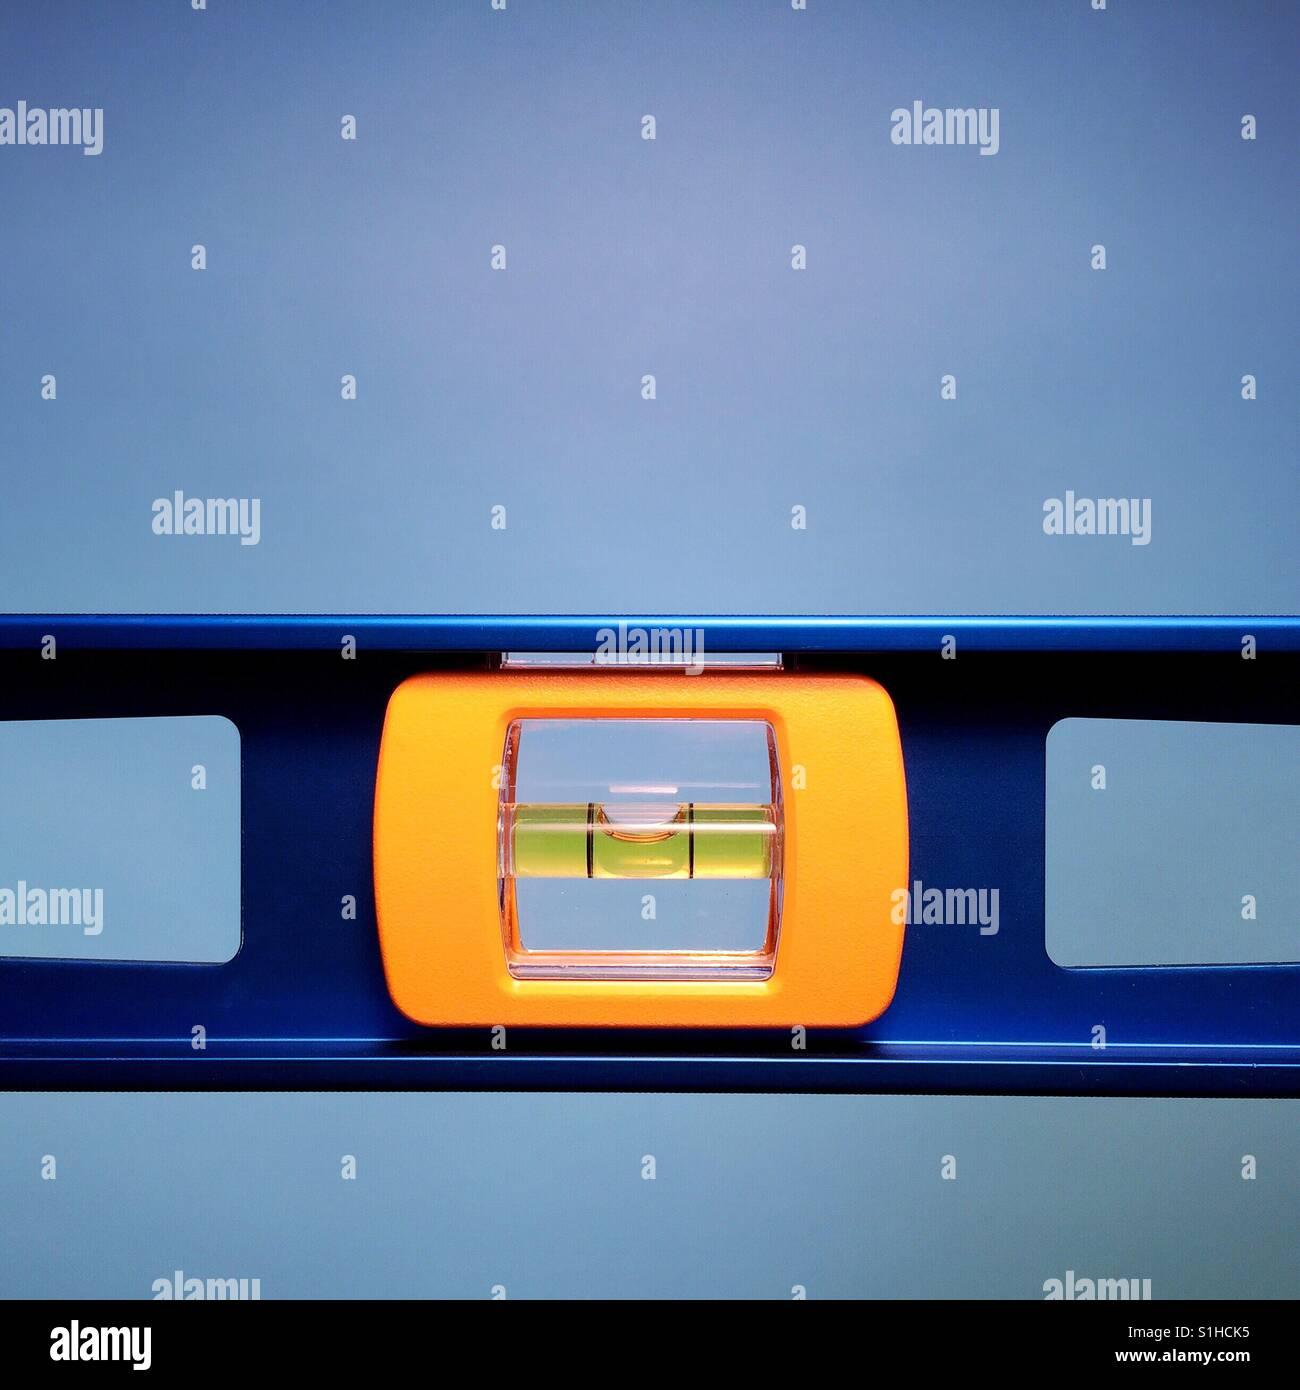 Eine Nahaufnahme von einer Wasserwaage auf blauem Grund Stockbild